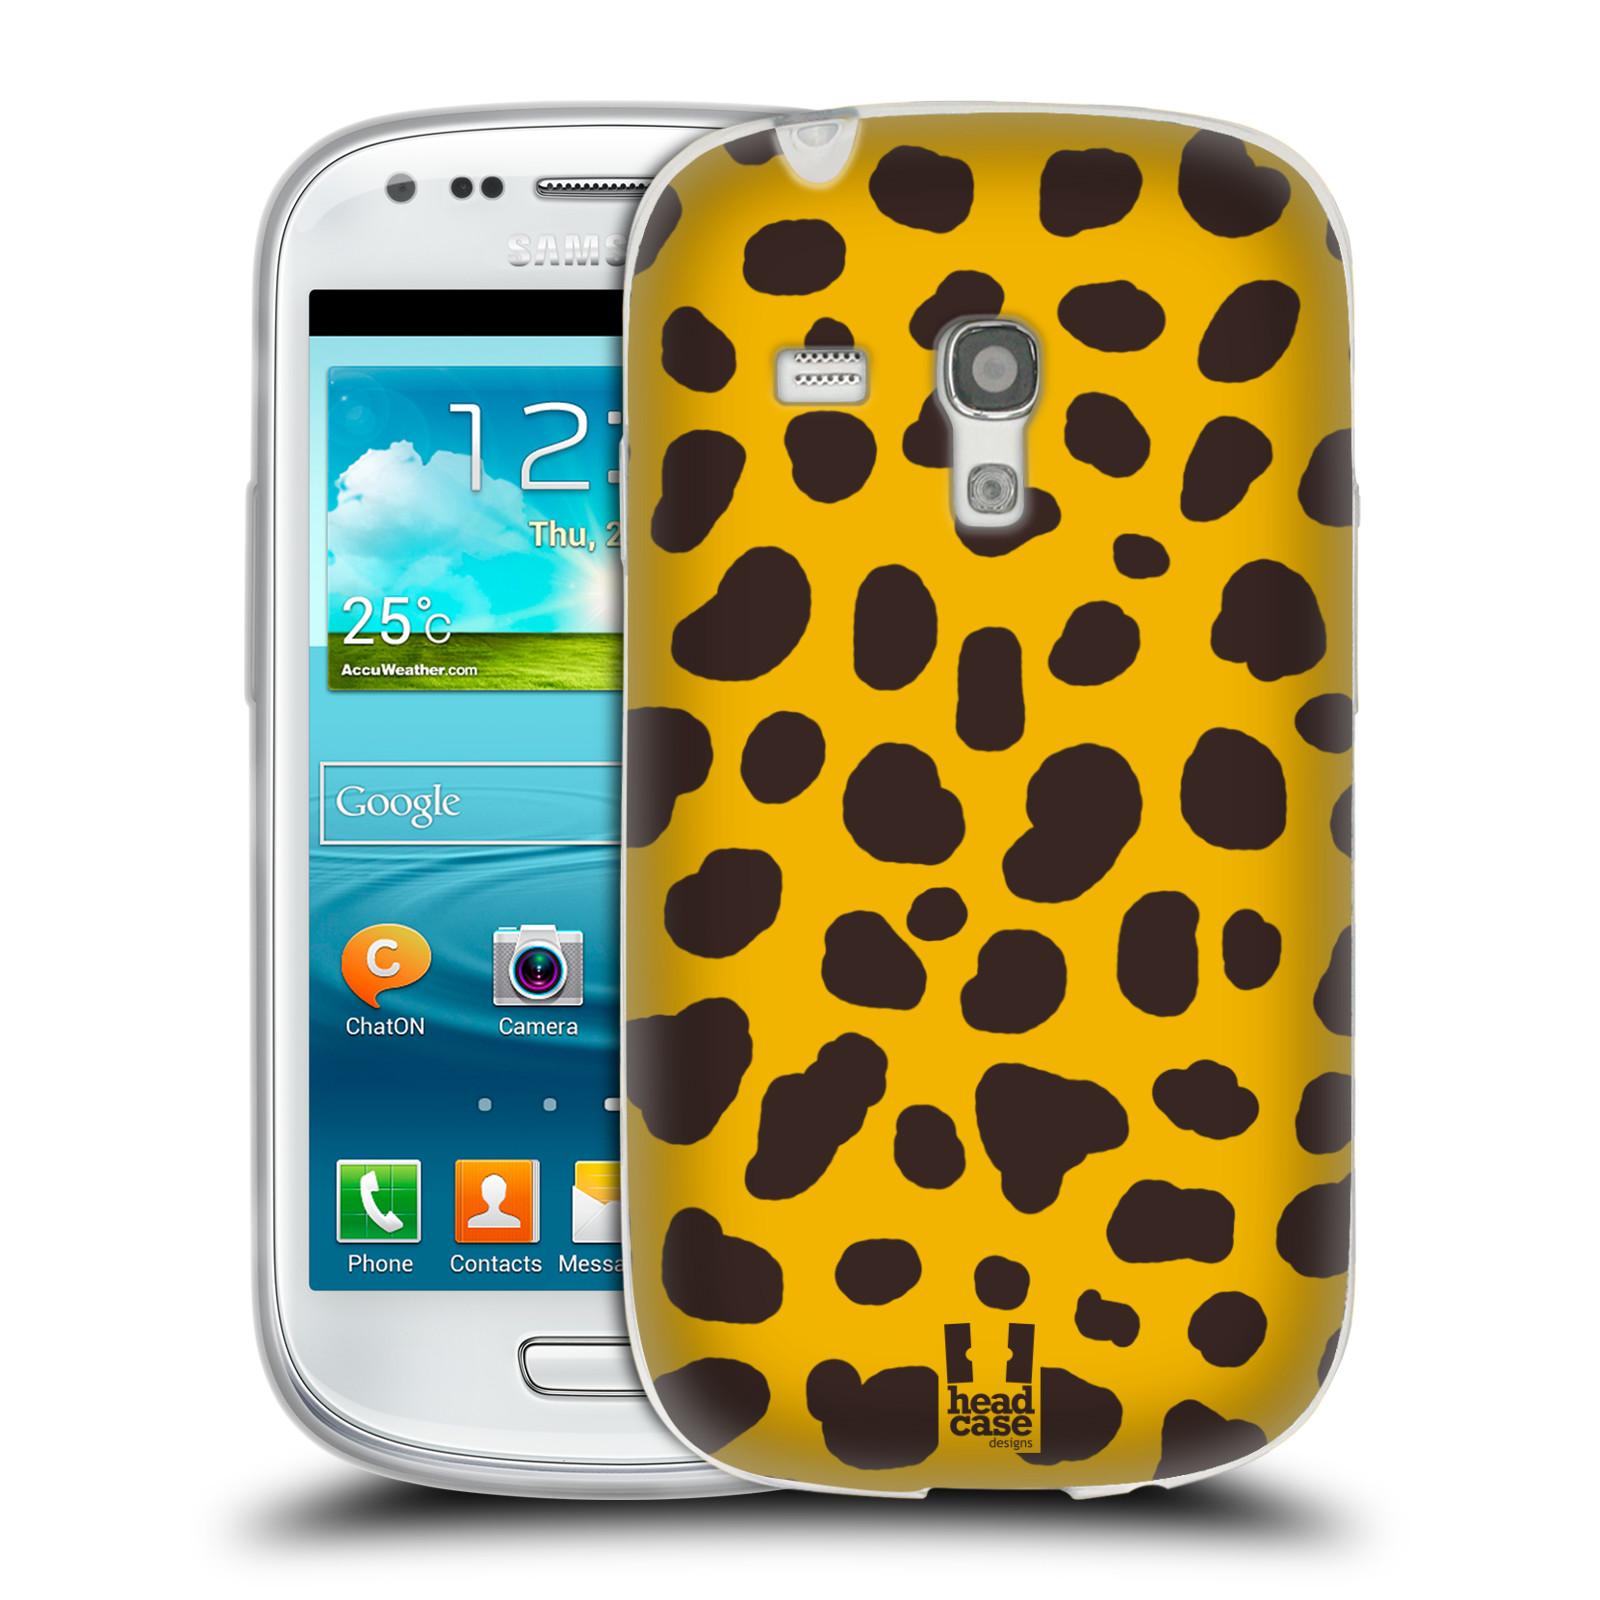 HEAD CASE silikonový obal na mobil Samsung Galaxy S3 MINI i8190 vzor Divočina zvíře 2 žlutá a hnědé skvrny